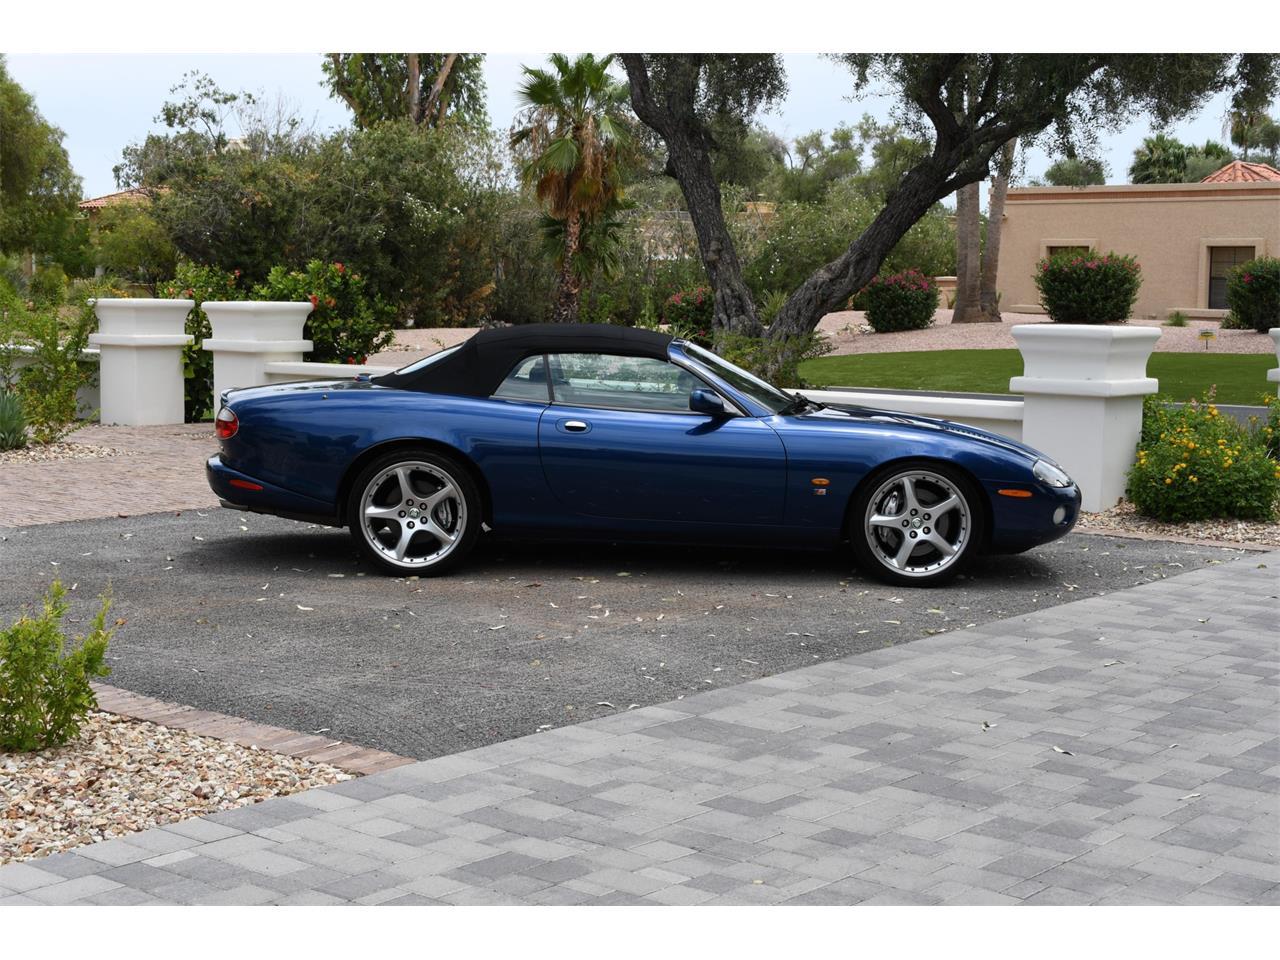 2004 Jaguar XKR for sale in Phoenix, AZ / classiccarsbay.com